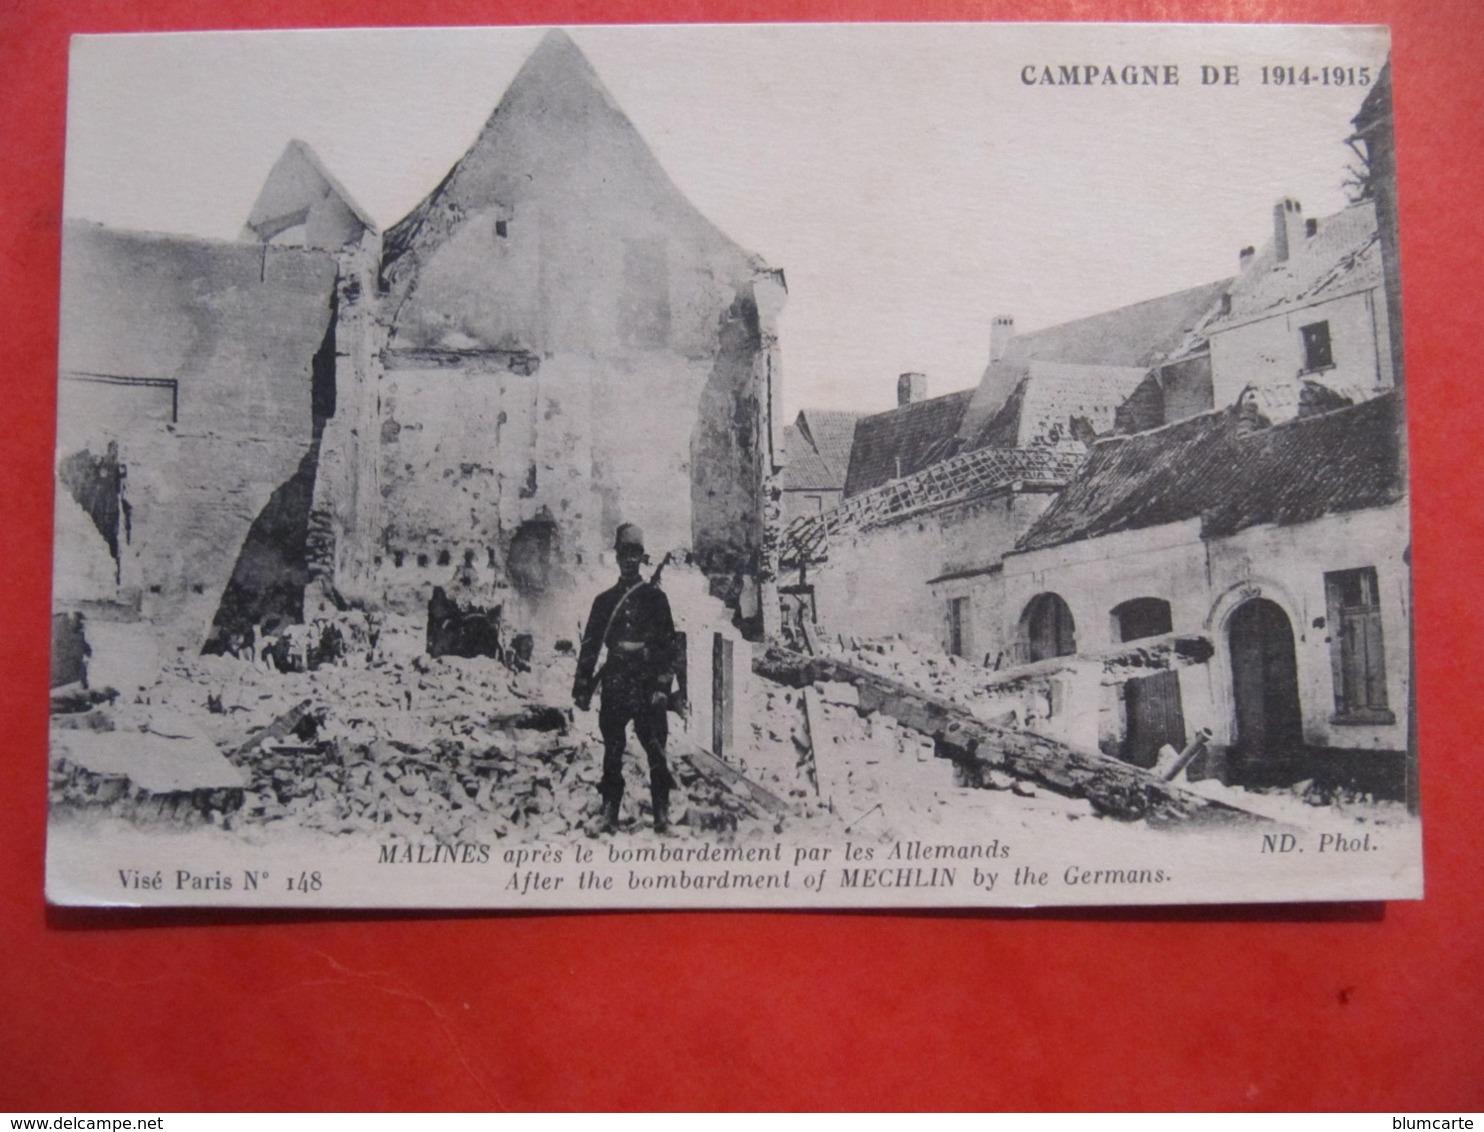 CPA - MALINES APRES LE BOMBARDEMENT PAR LES ALLEMANDS - Mechelen